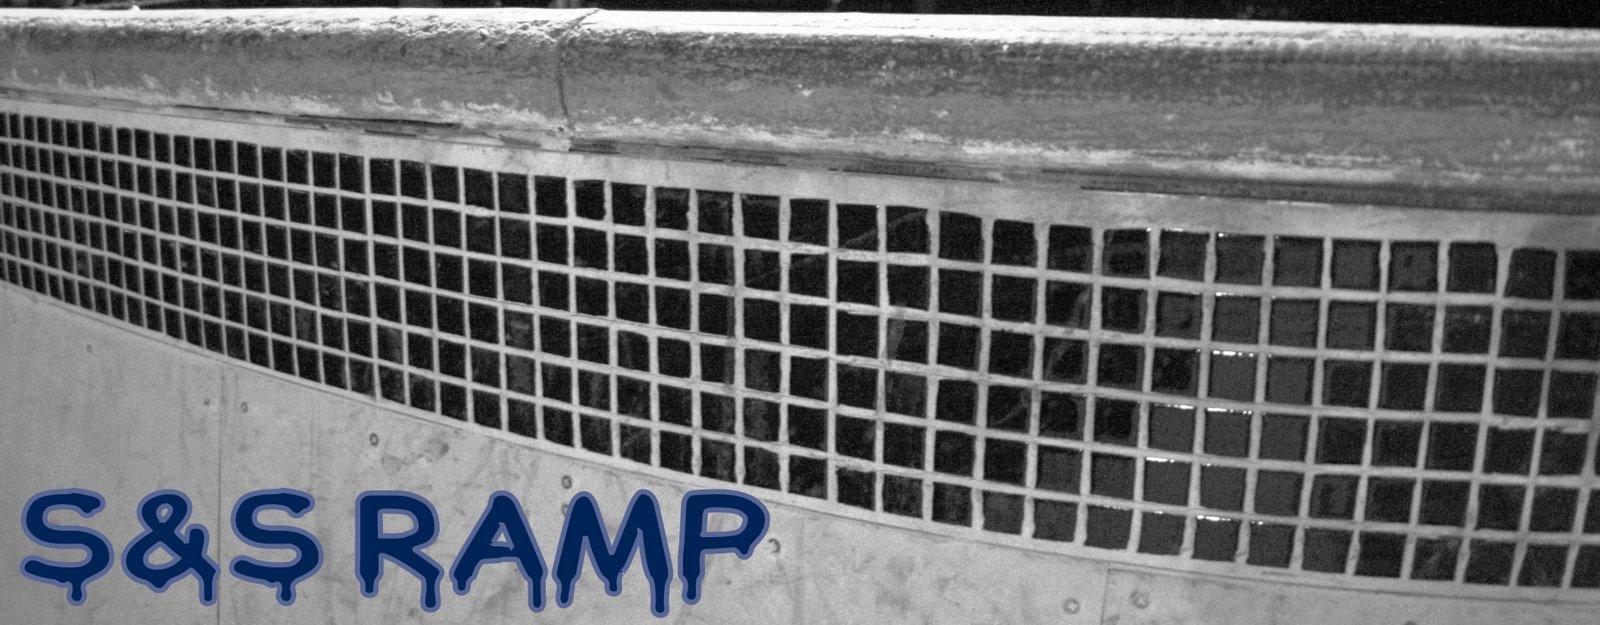 S & S   RAMP